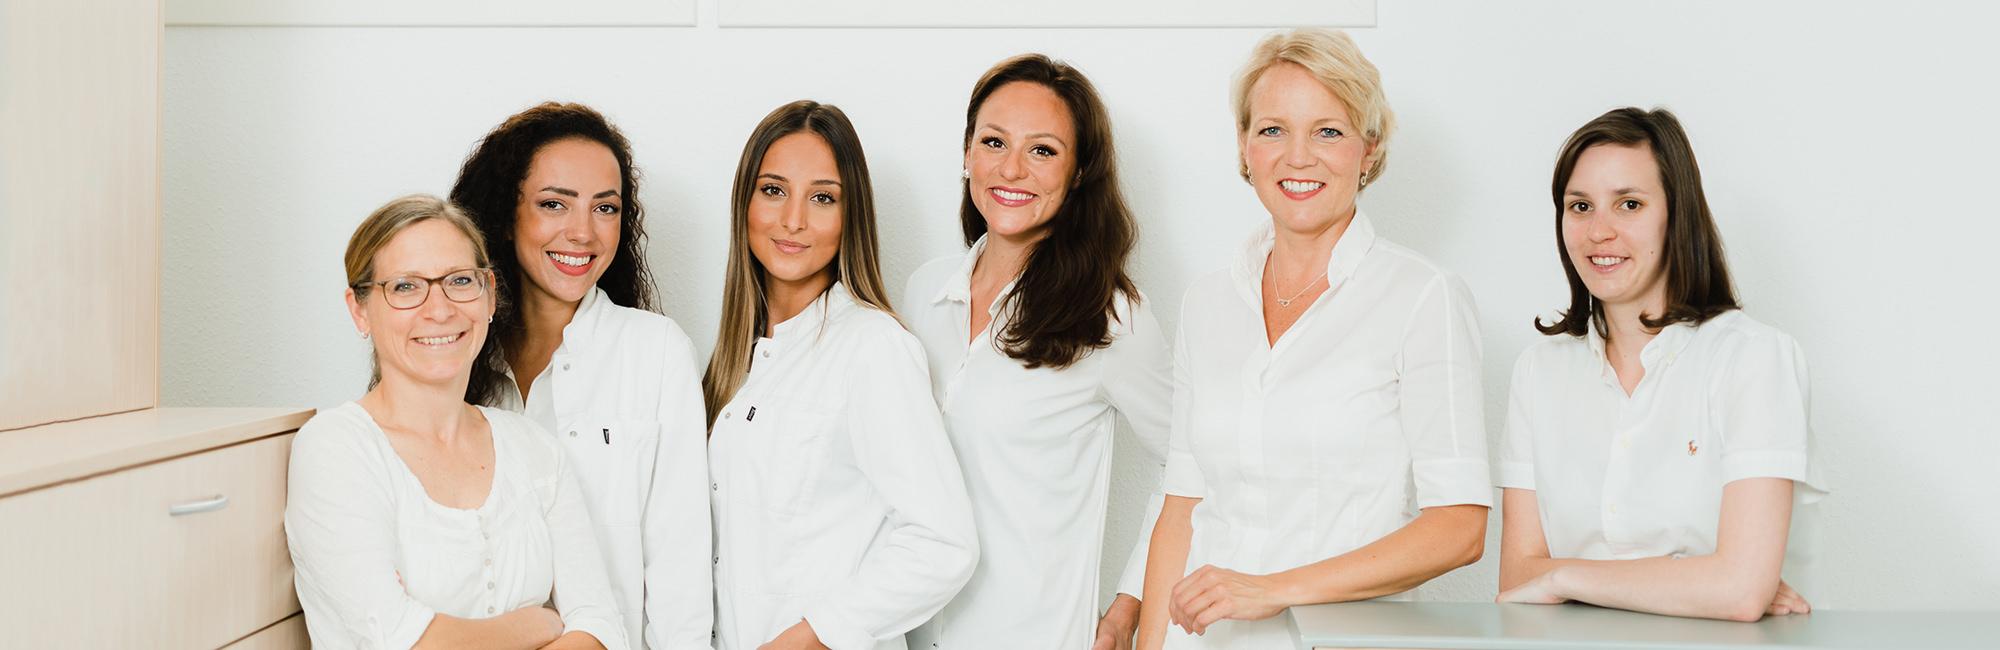 Hausarzt Sillenbuch - Ellinger - Team